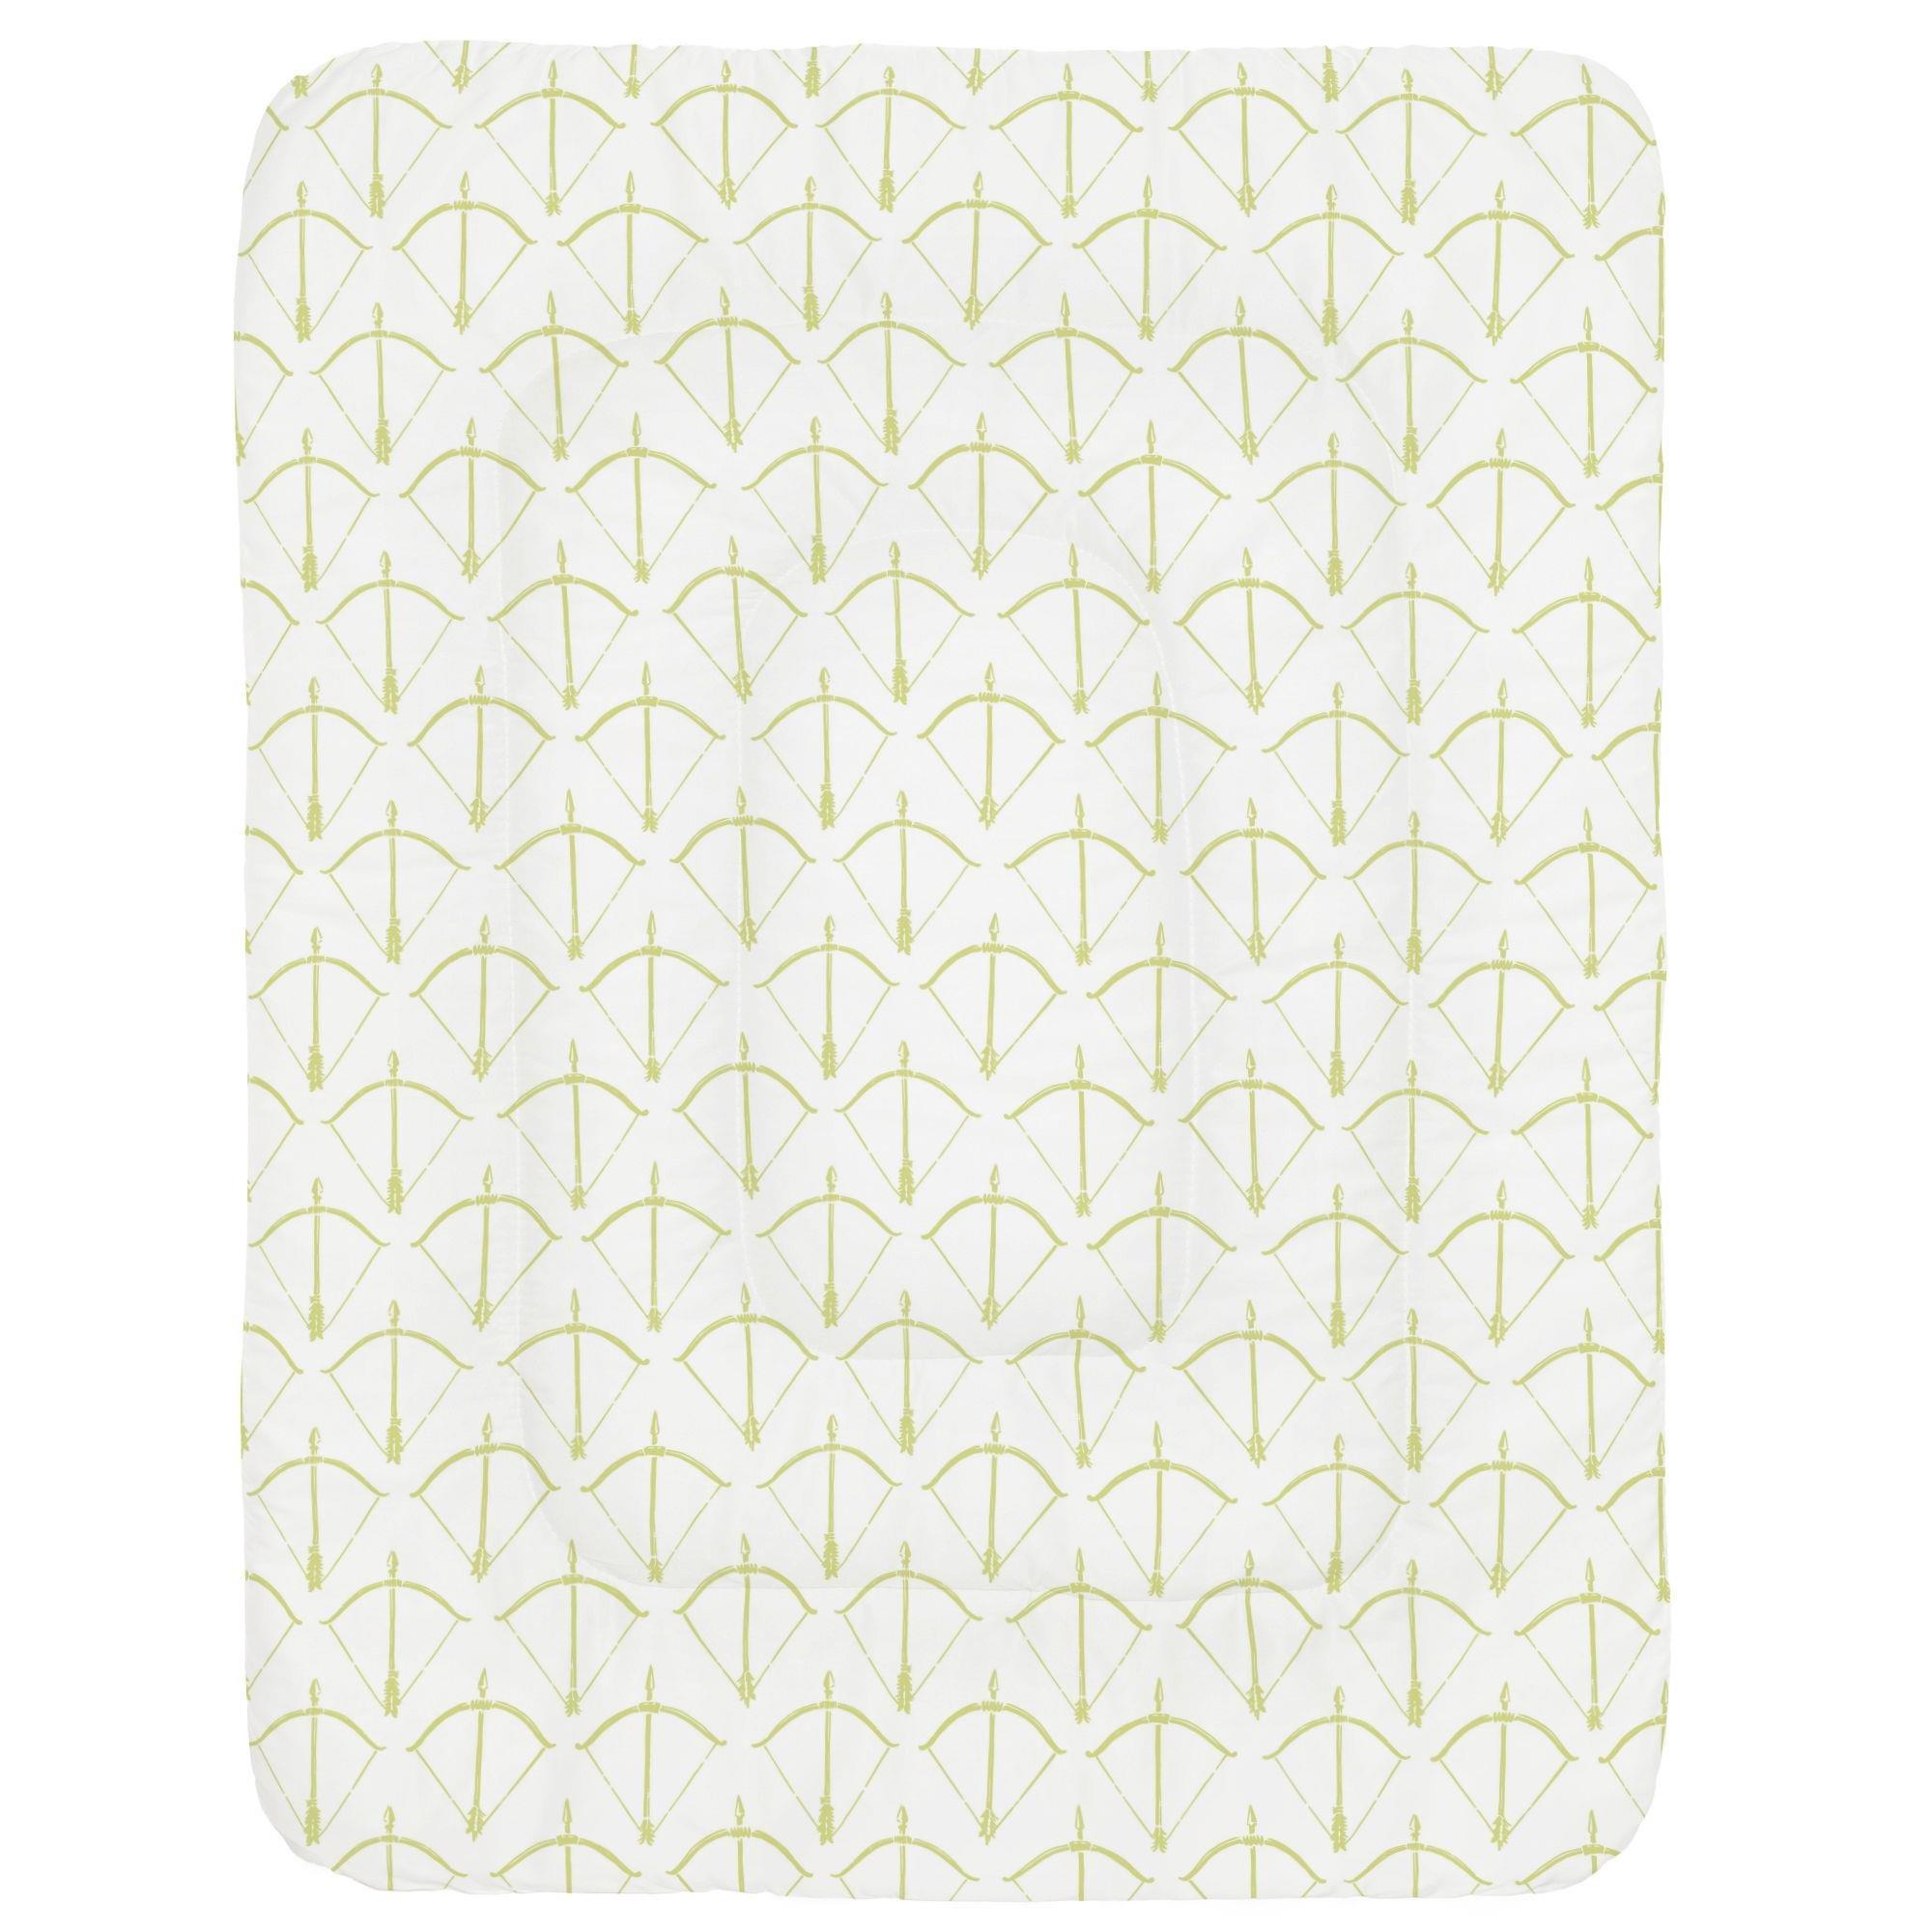 Carousel Designs Light Lime Bow and Arrow Crib Comforter